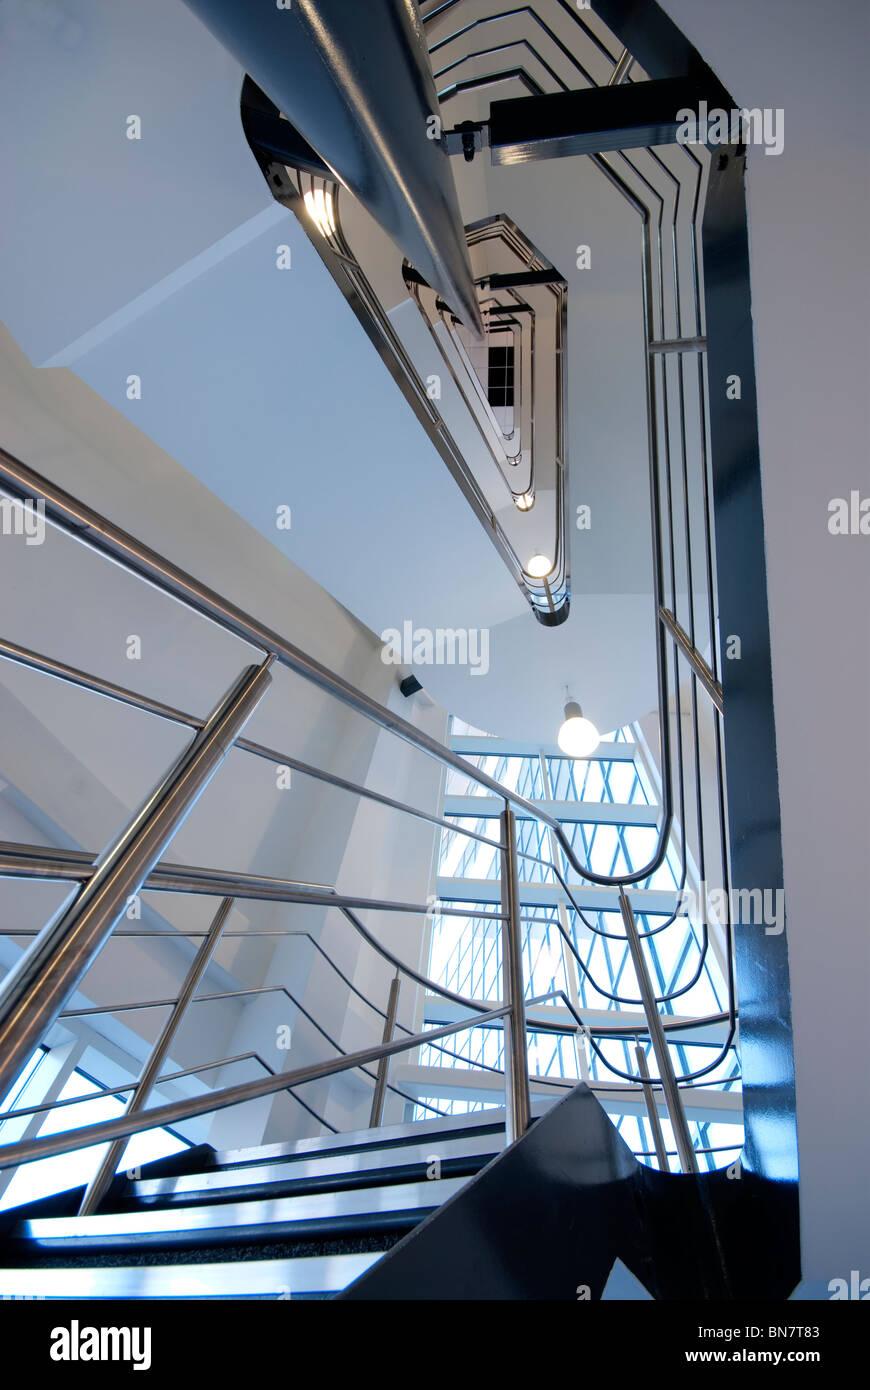 L'architecture moderne jusqu'à l'escalier Photo Stock